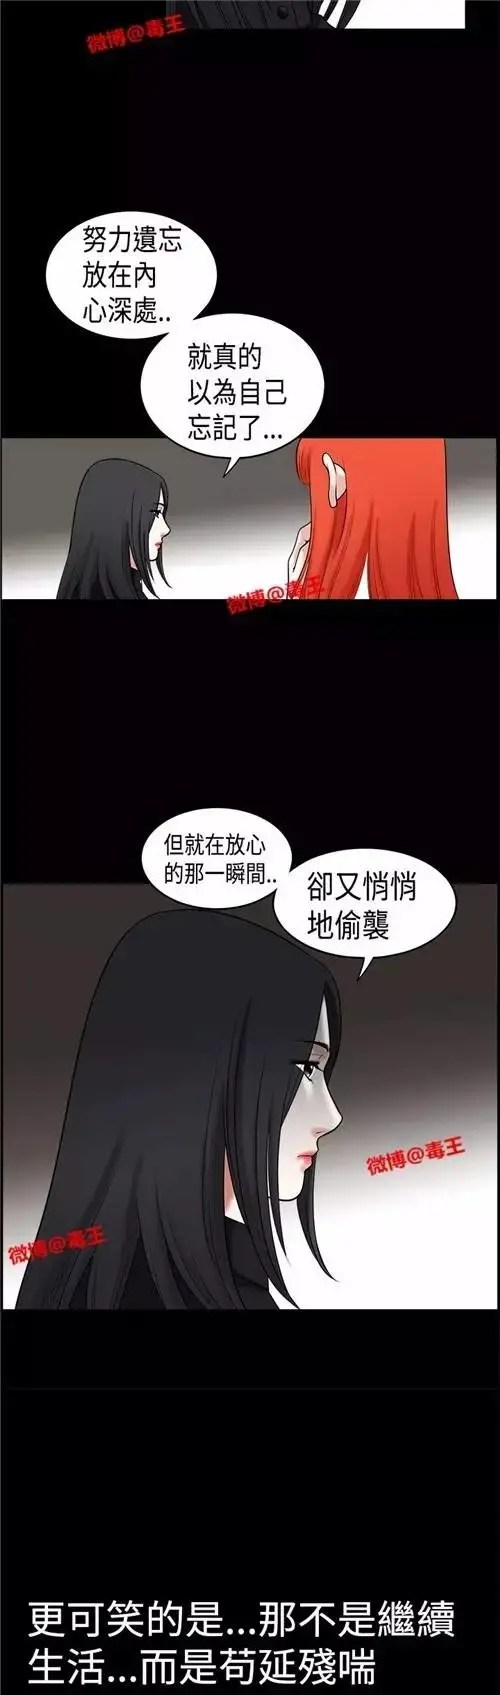 連載污漫畫《我的流氓小姨子》第24話